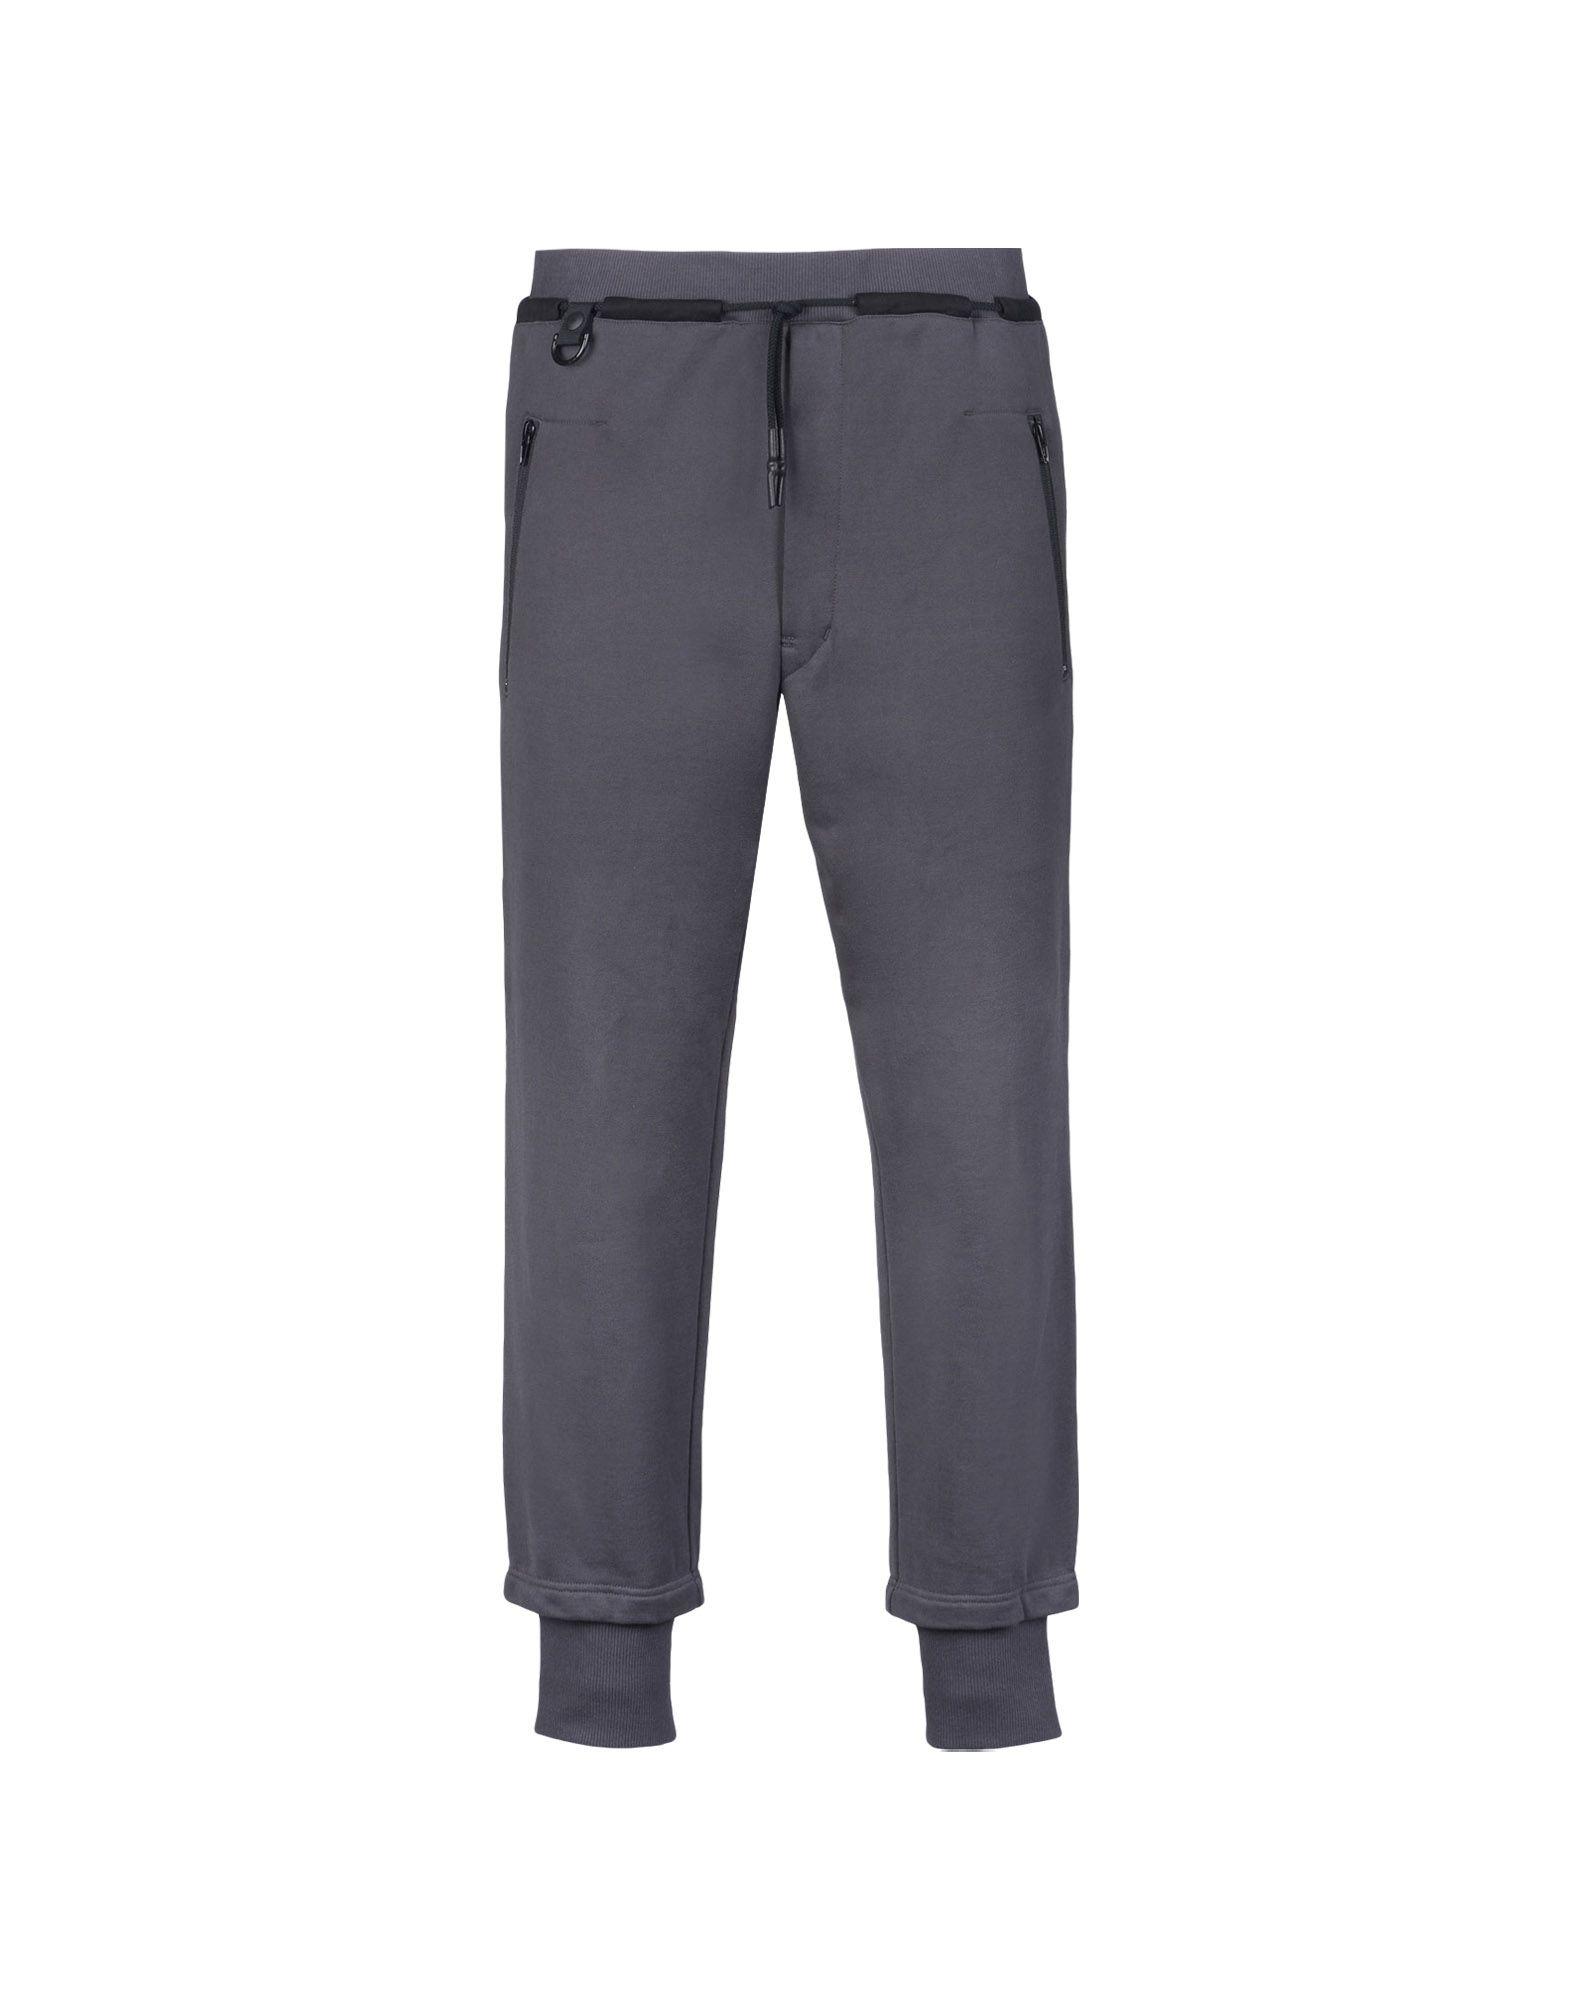 Pantalone Felpa Y-3 Uomo - Acquista online su